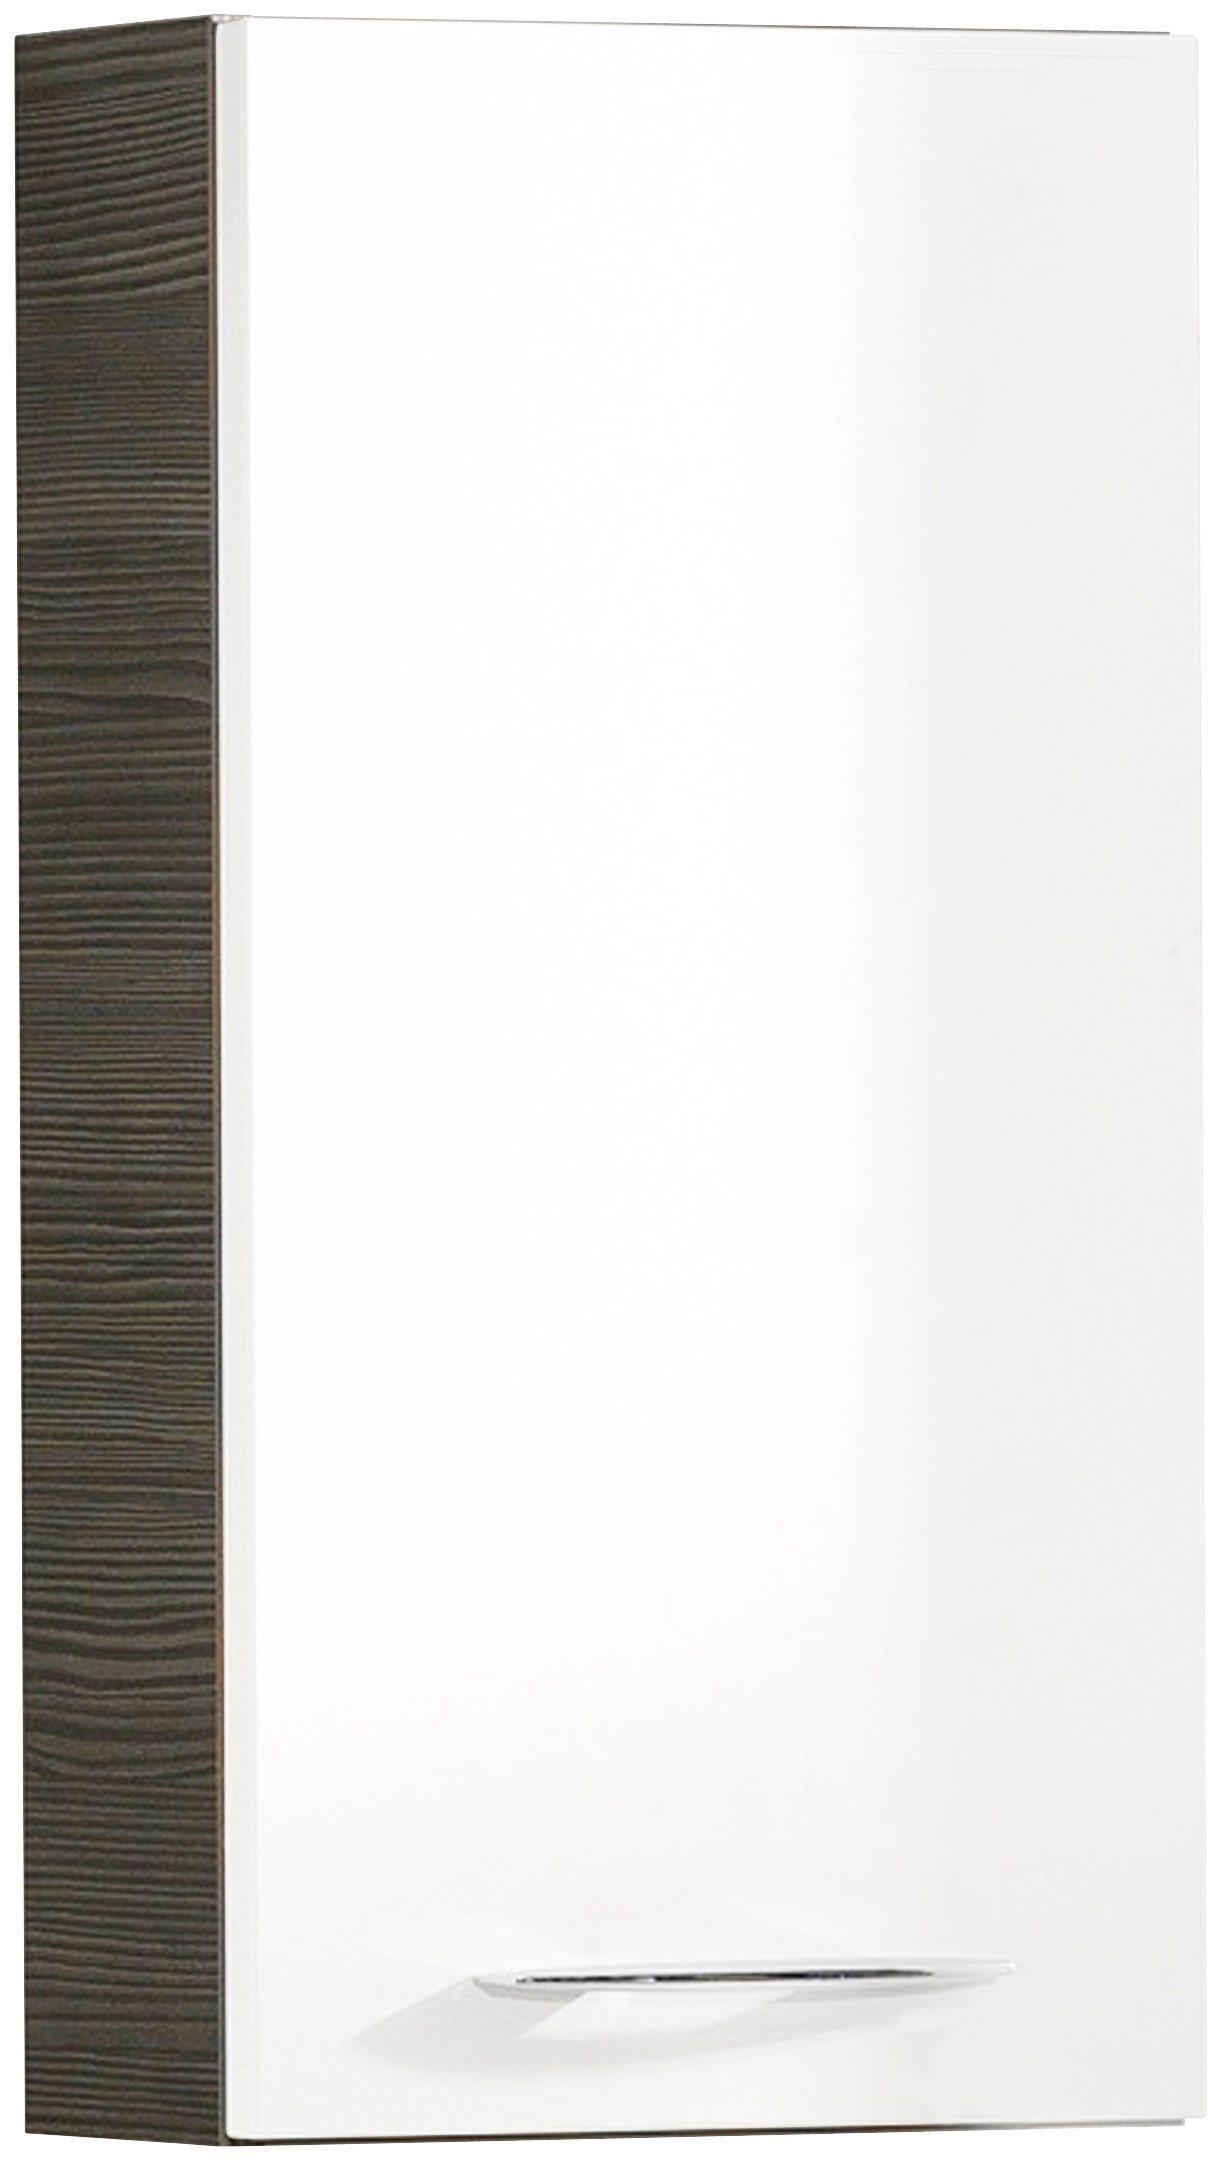 FACKELMANN Badhängeschrank »Vadea«, Breite 35 cm   Bad > Badmöbel > Hängeschränke fürs Bad   Weiß   Spanplatte   FACKELMANN